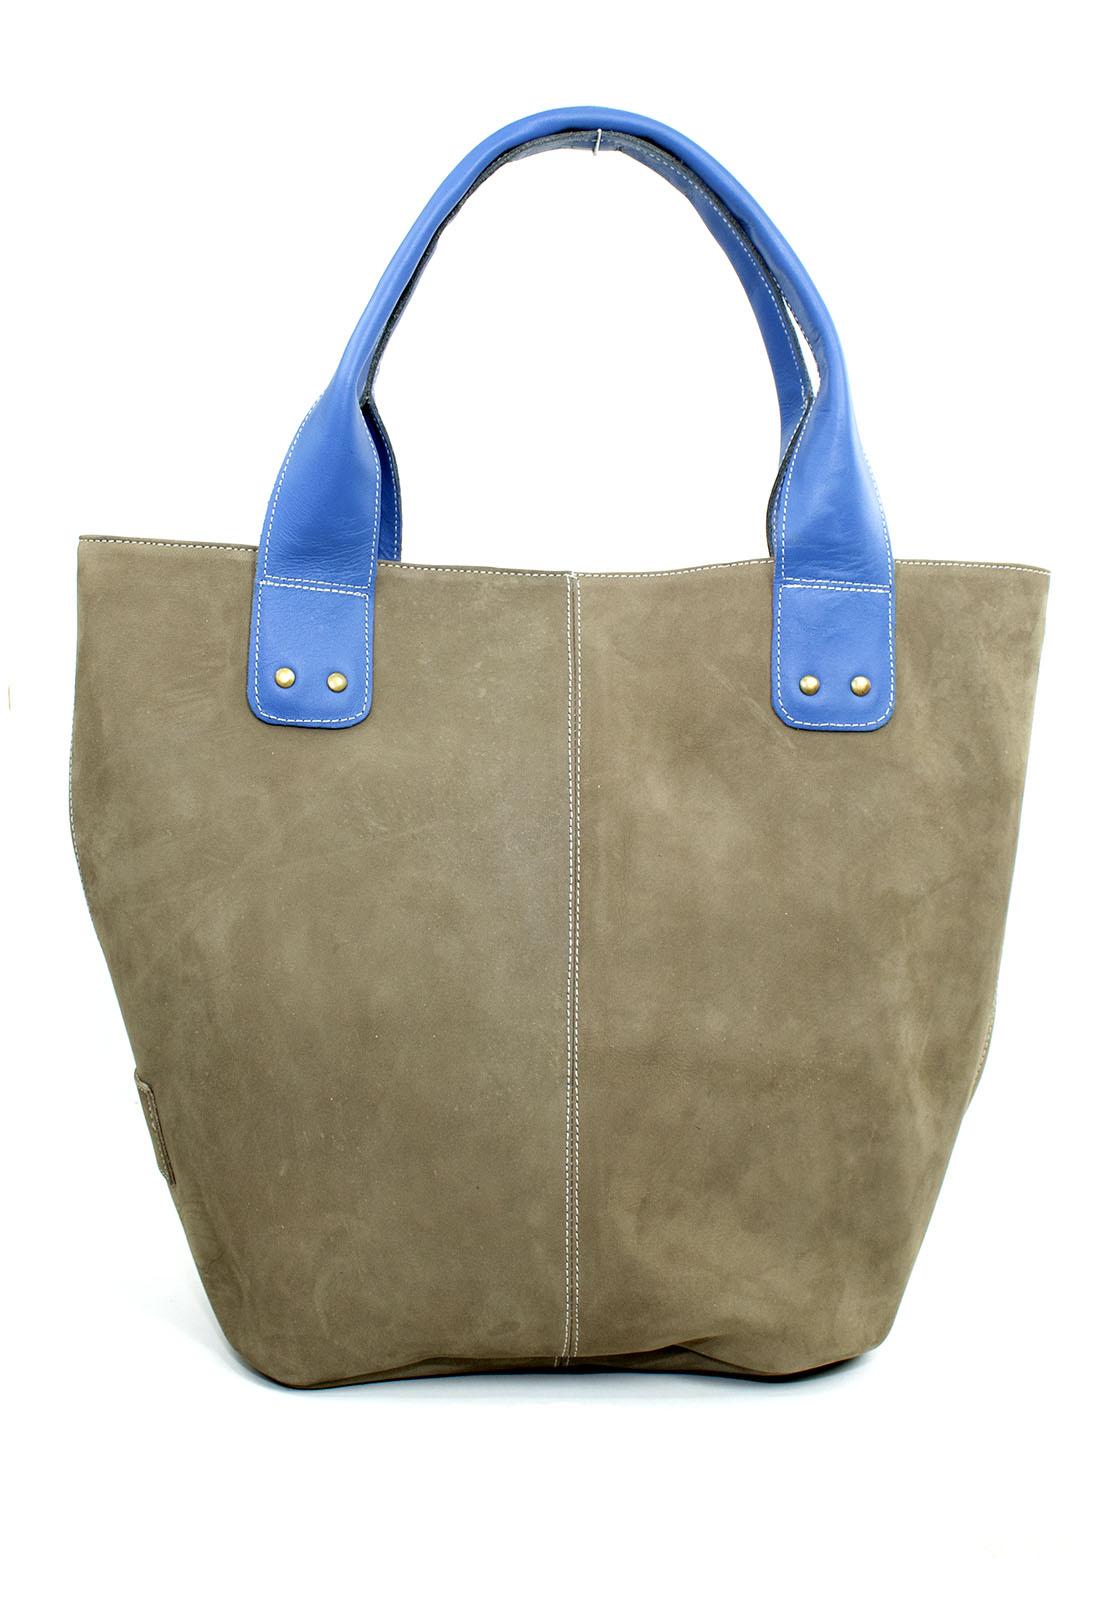 Bolsa Feminina Sacola Mary Cinza com Azul